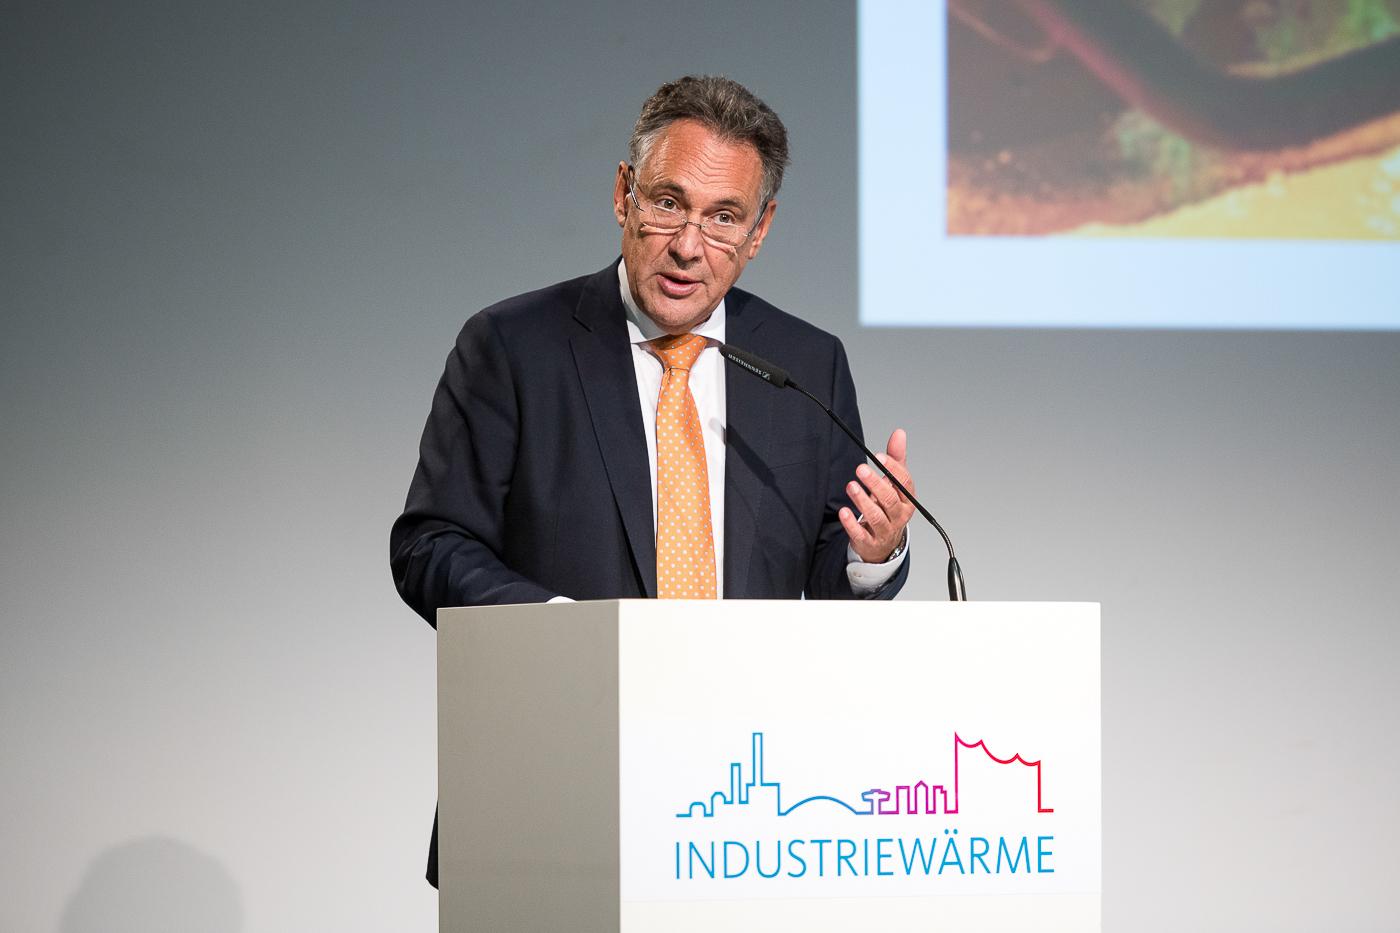 Jürgen Schachler, Aurubis AG